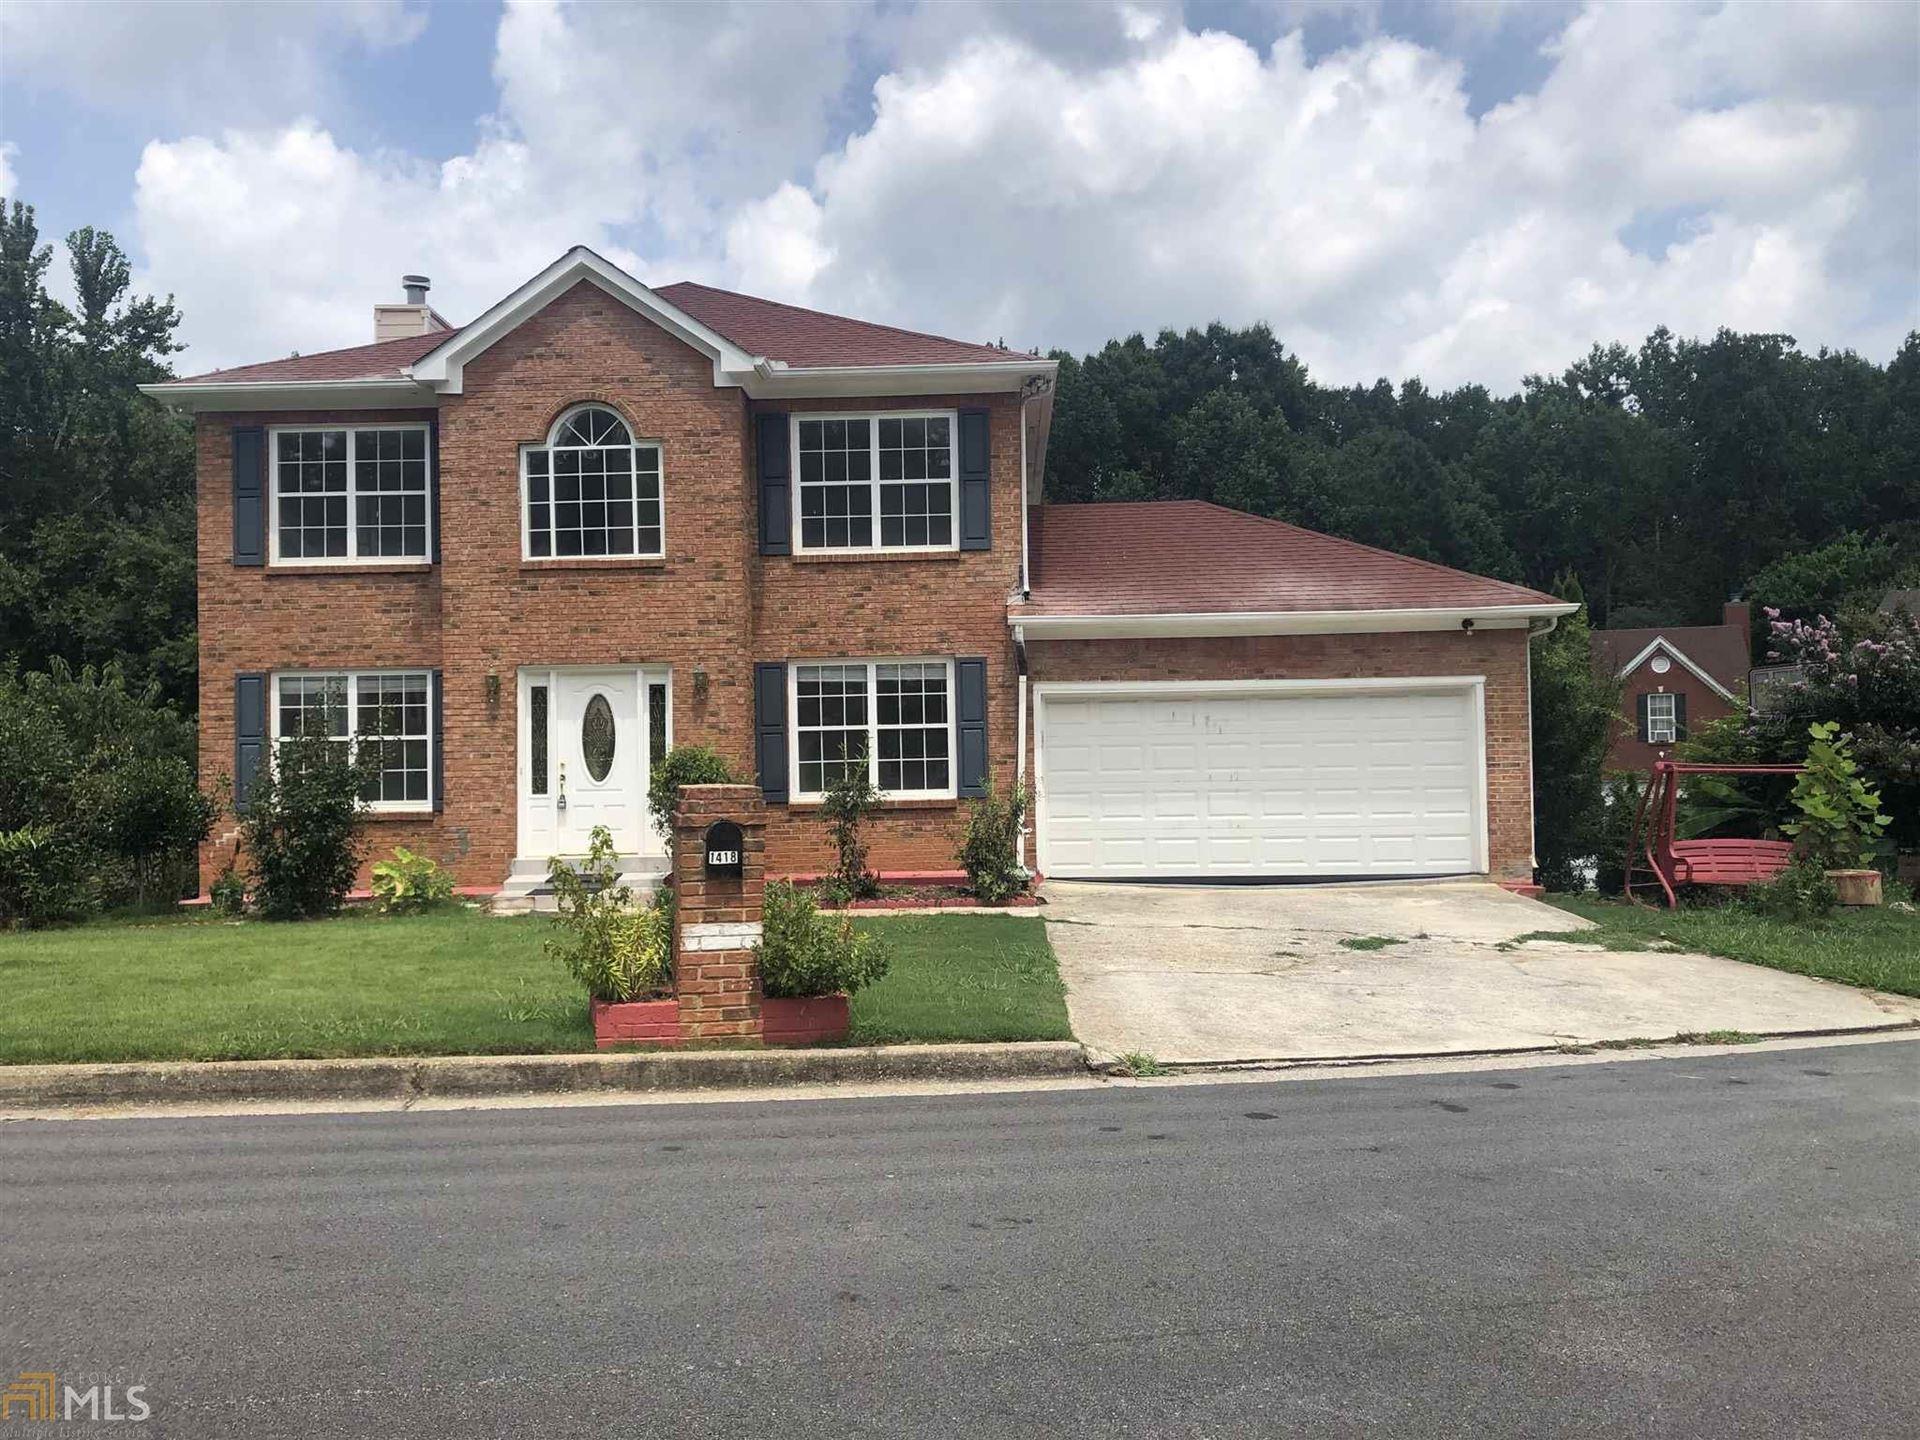 1418 Brookside Manor Ct, Tucker, GA 30084 - MLS#: 8845954